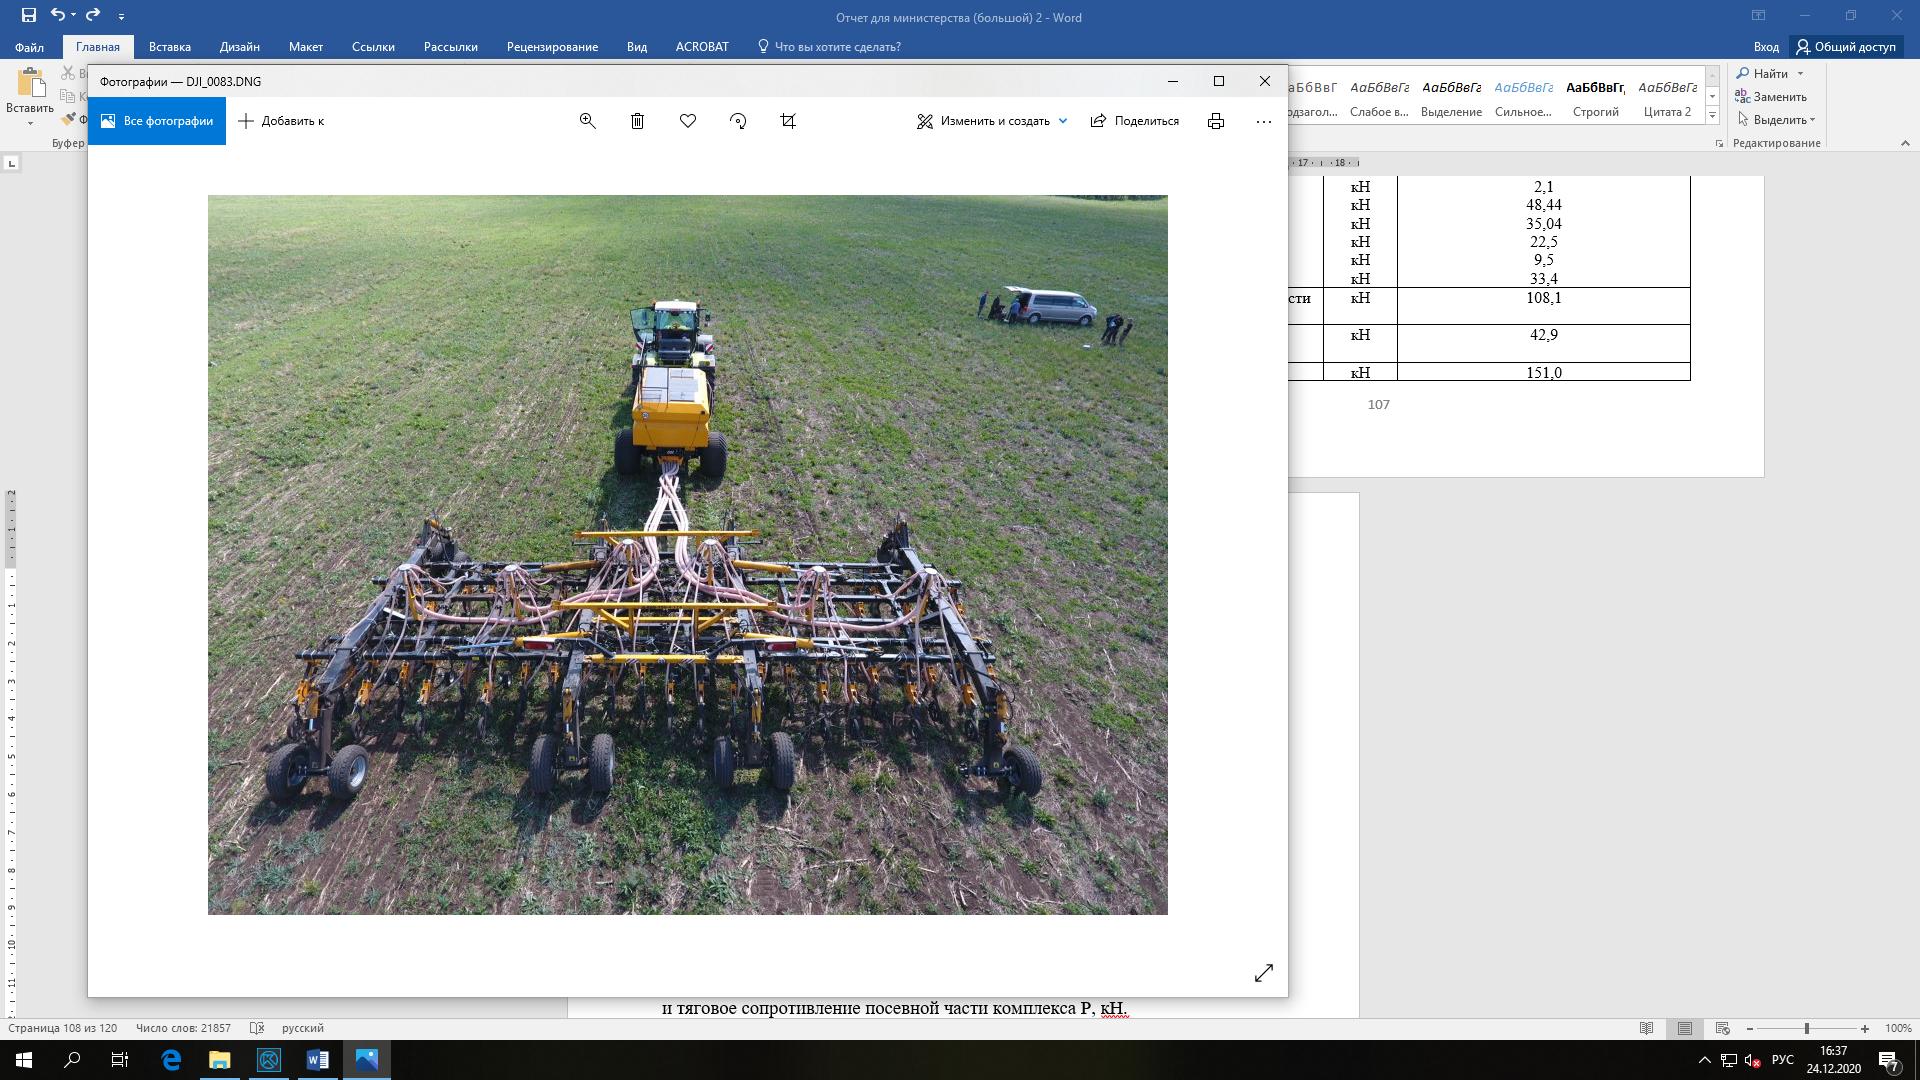 word image 1214 Разработка конструктивной схемы и обоснование параметров почвообрабатывающего посевного агрегата с пневматическим высевом семян для тракторов класса тяги 5